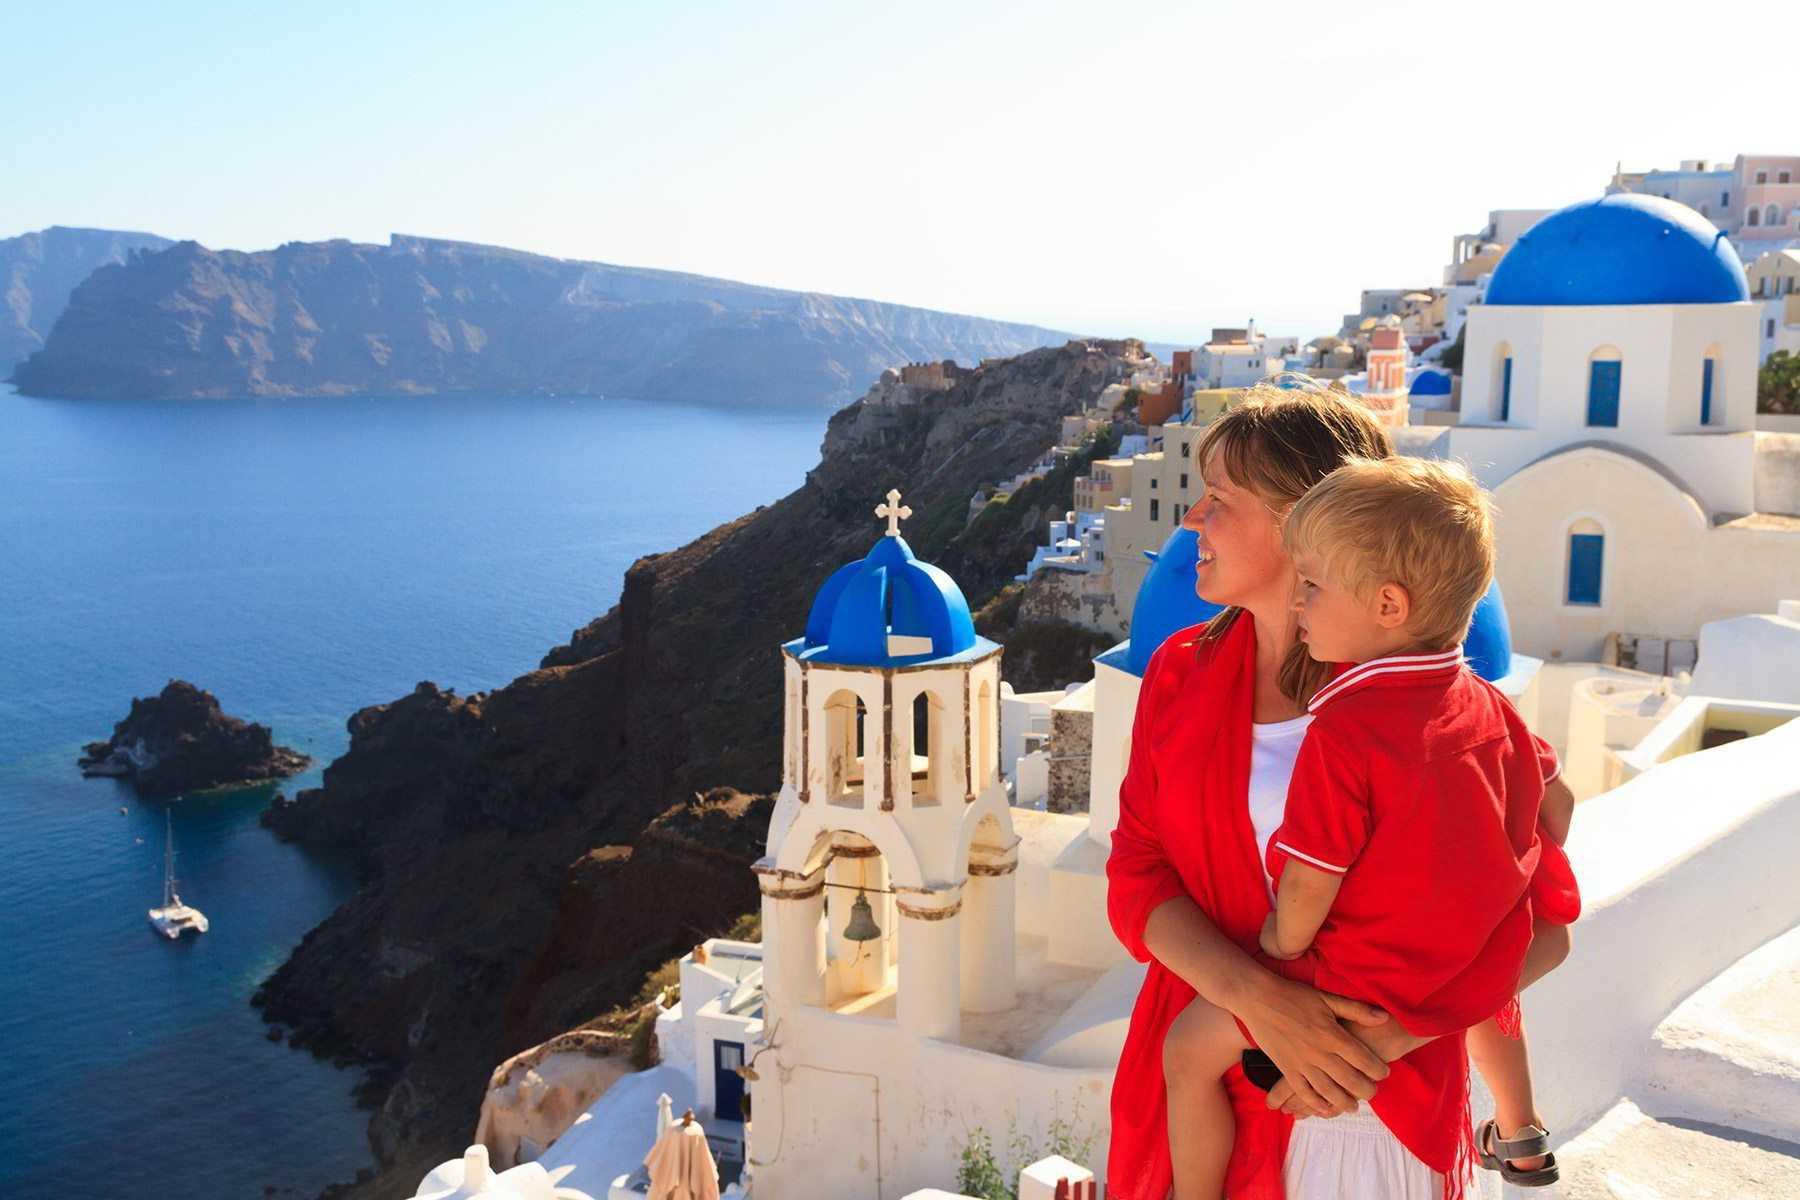 Куда лучше поехать с маленьким ребенком на море: в грецию или черногорию? - советы, вопросы и ответы путешественникам на трипстере